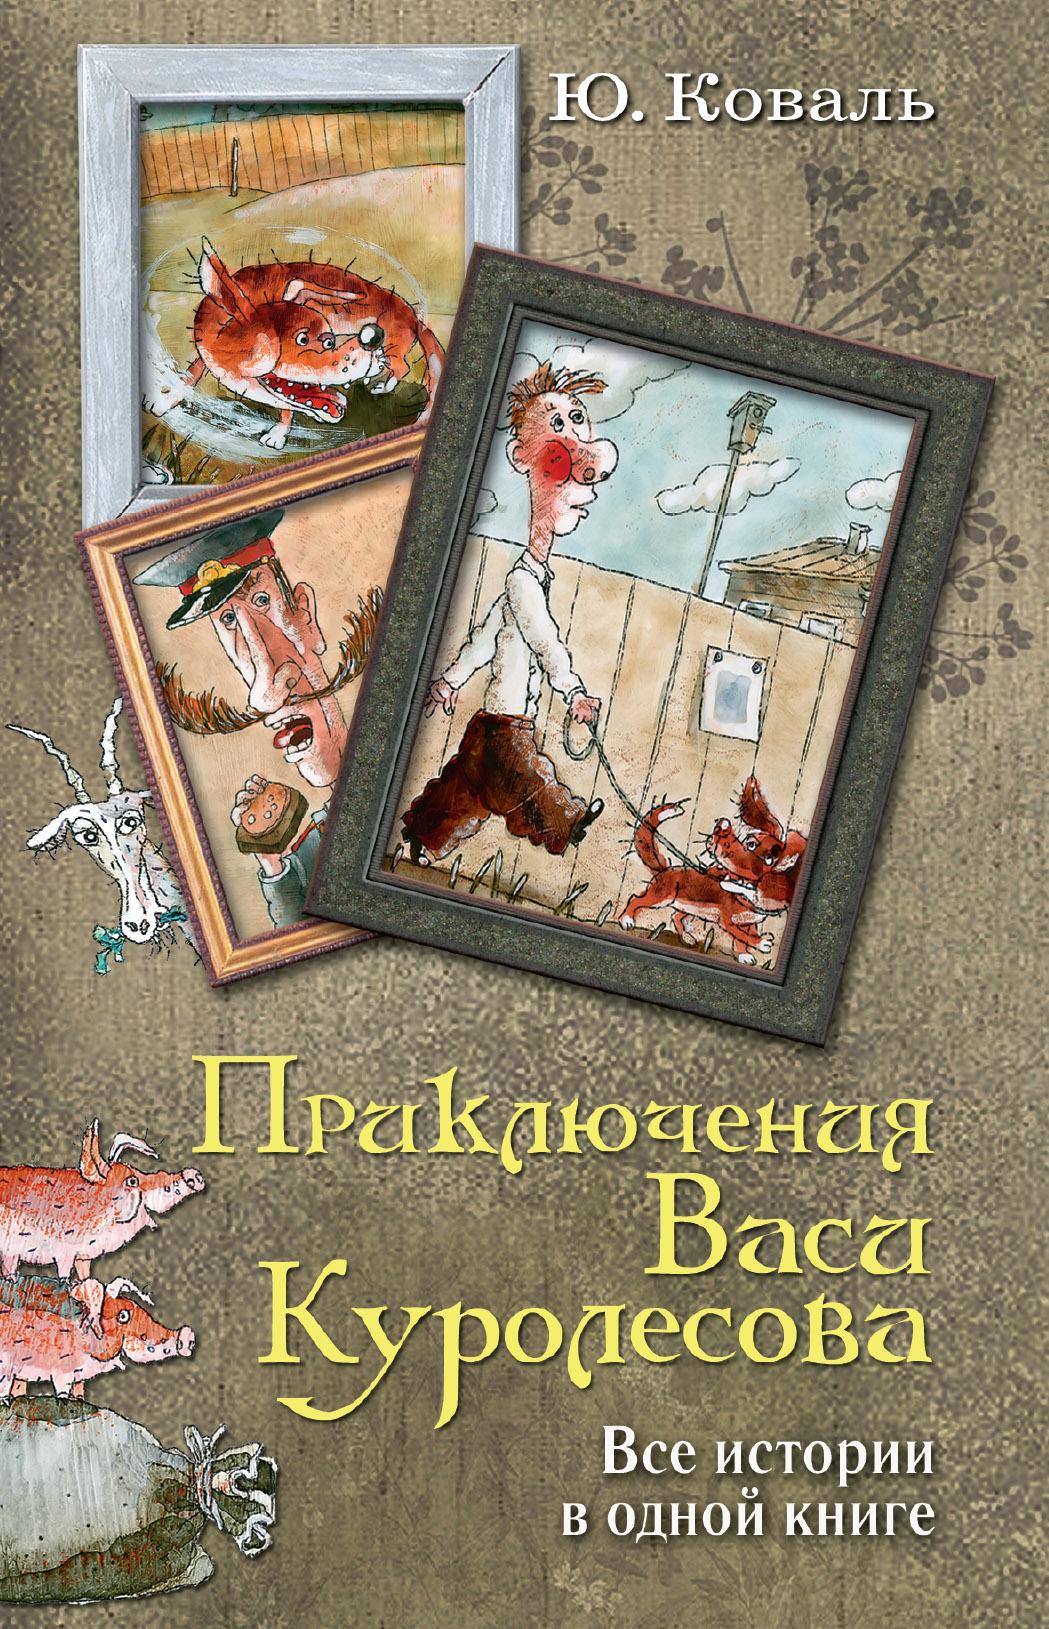 Коваль Ю.И. Приключения Васи Куролесова. Все истории в одной книге ISBN: 978-5-17-101589-3 азбука пять похищенных монахов